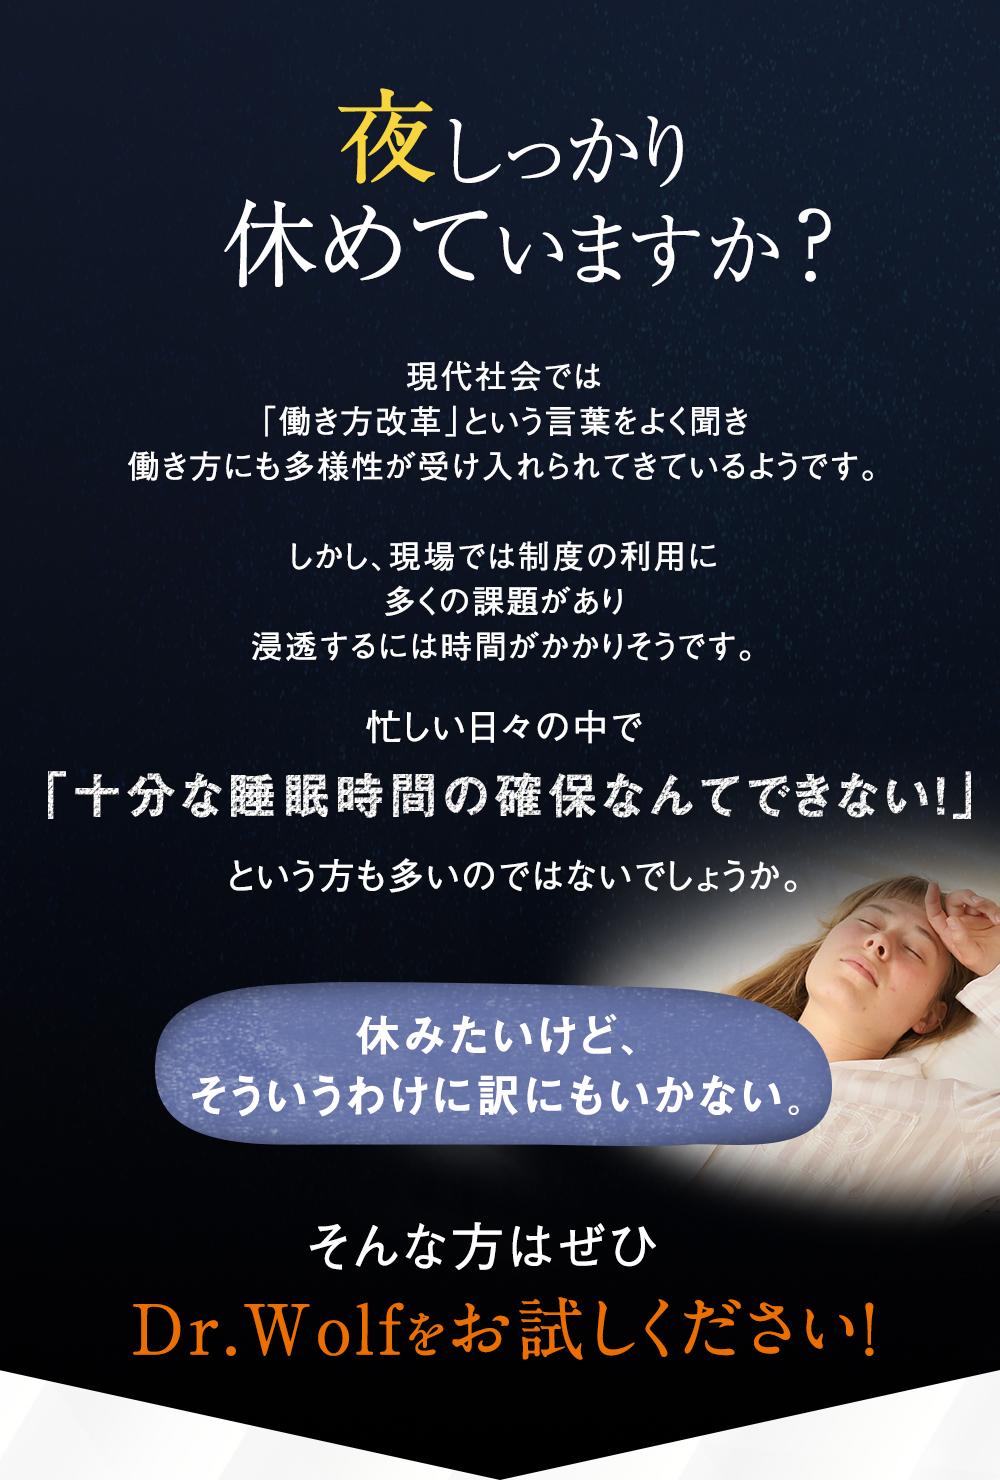 見た目は普通、でも中身はすごい!低反発安眠サポート枕。Dr.Wolf